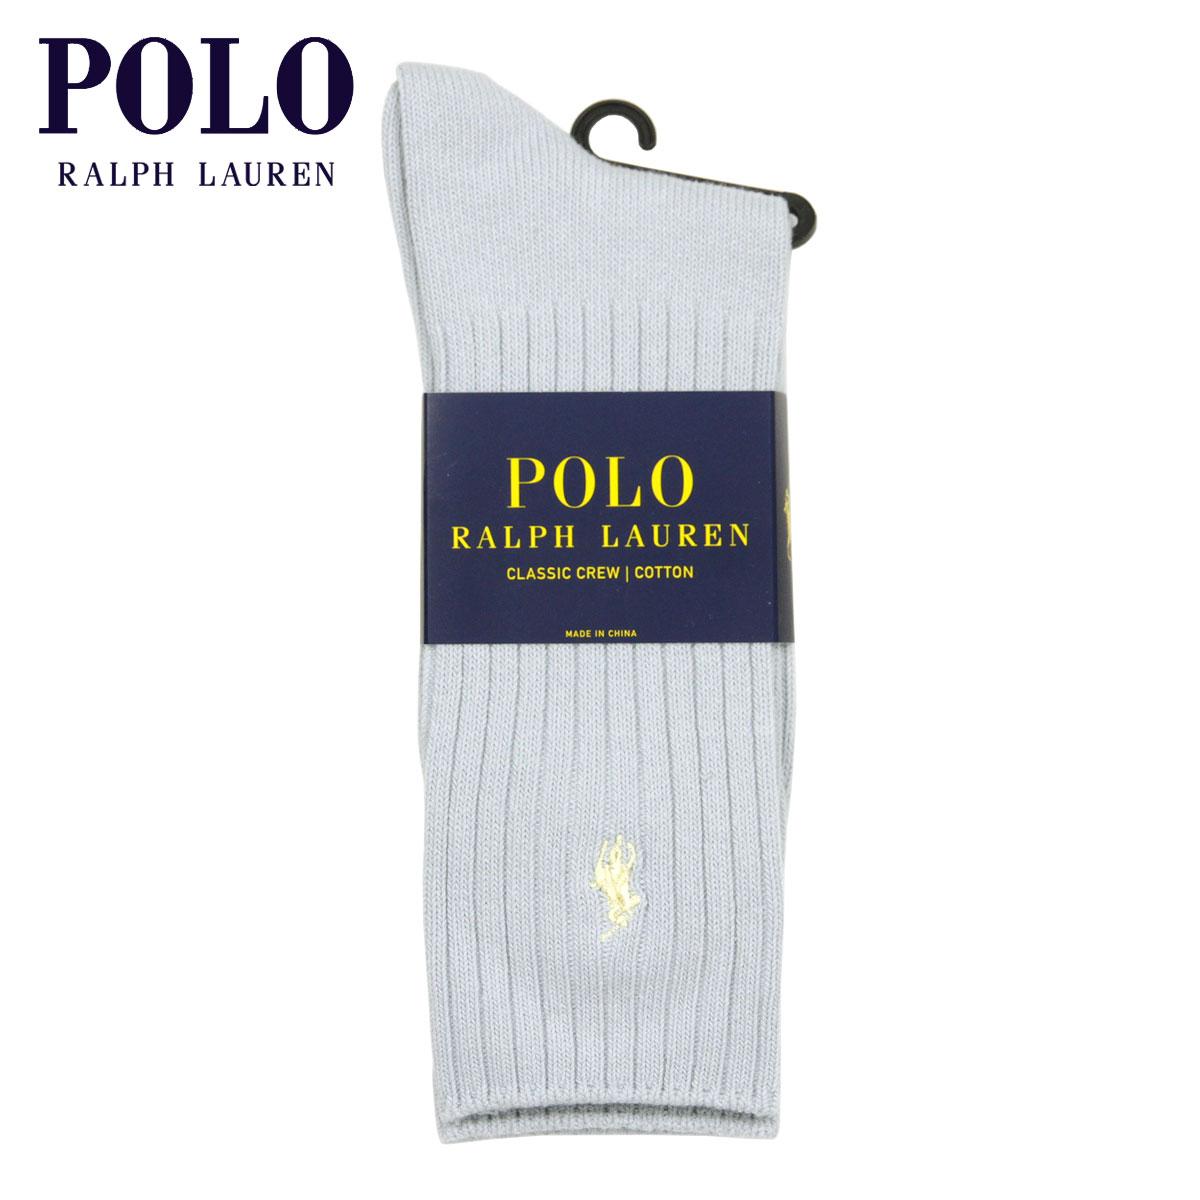 ポロ ラルフローレン 靴下 メンズ 正規品 POLO RALPH LAUREN クルー丈 ビジネスソックス ワンポイント刺繍 COTTON RIB SINGLE SOCK SOFT BLUE463 - SOFT BLUE A05B B1C C7D D1E E07F